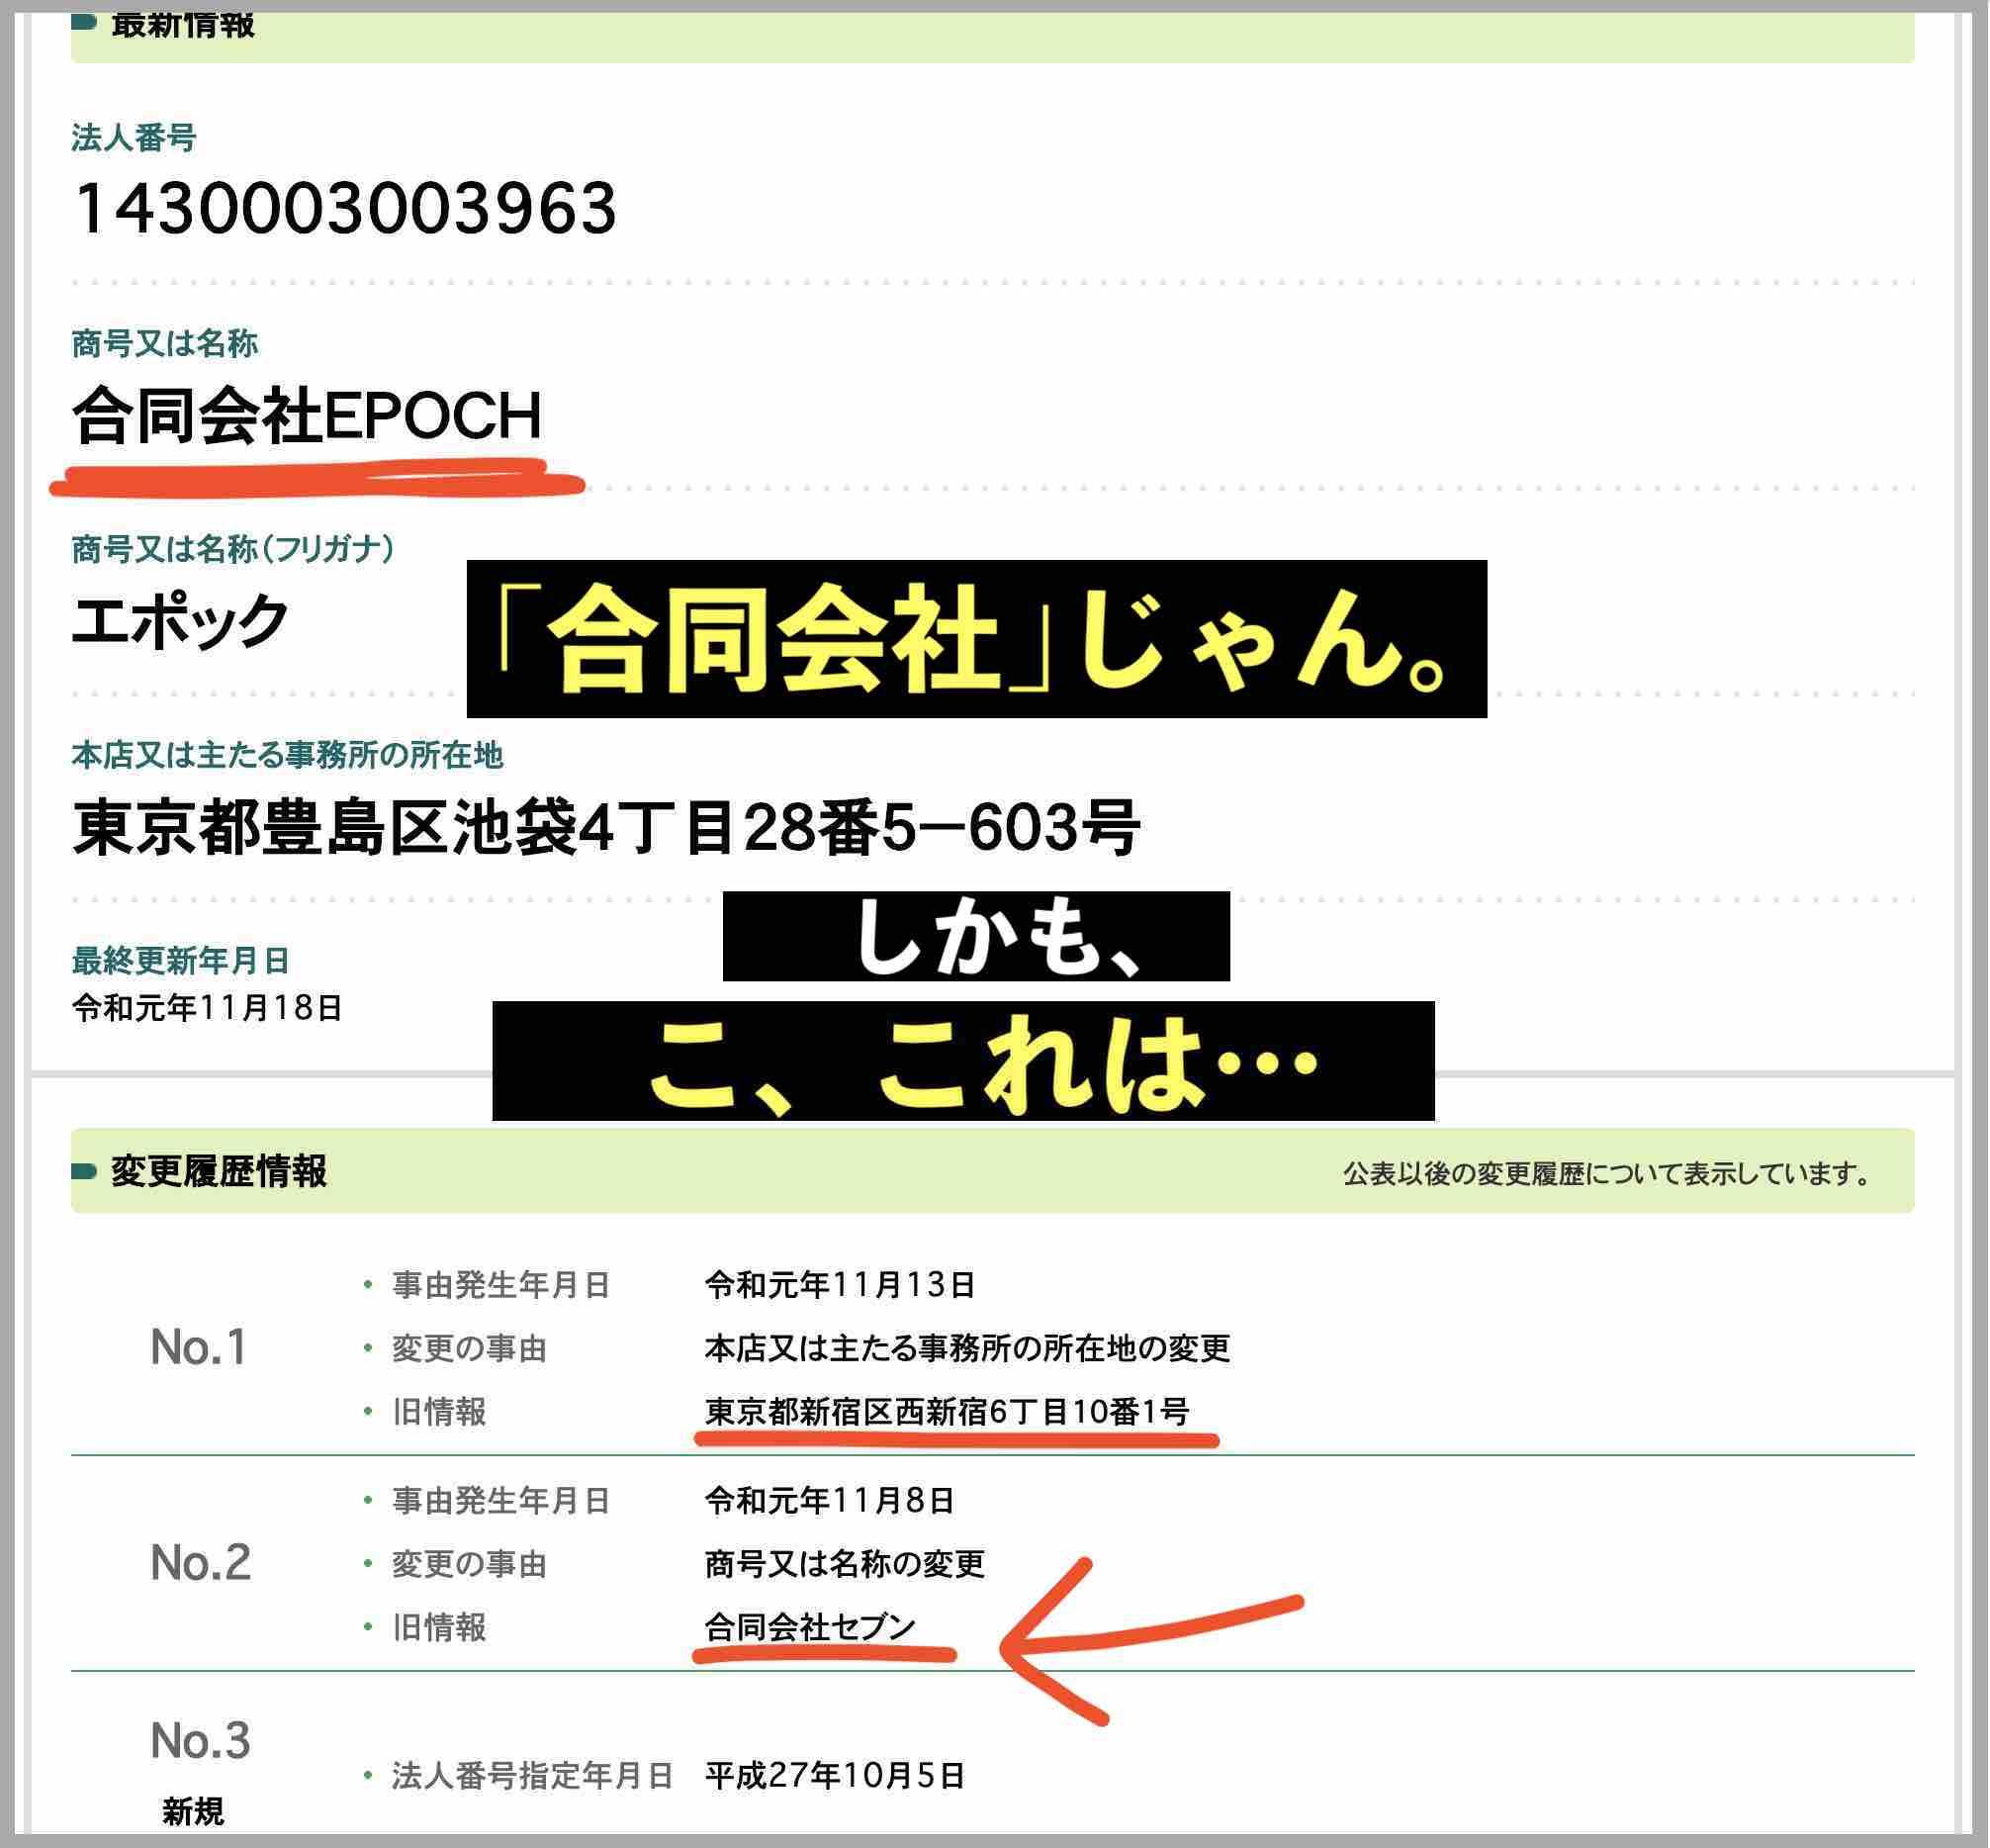 令和競馬(令和ケイバ)という競馬予想サイトの合同会社EPOCHの運営社情報